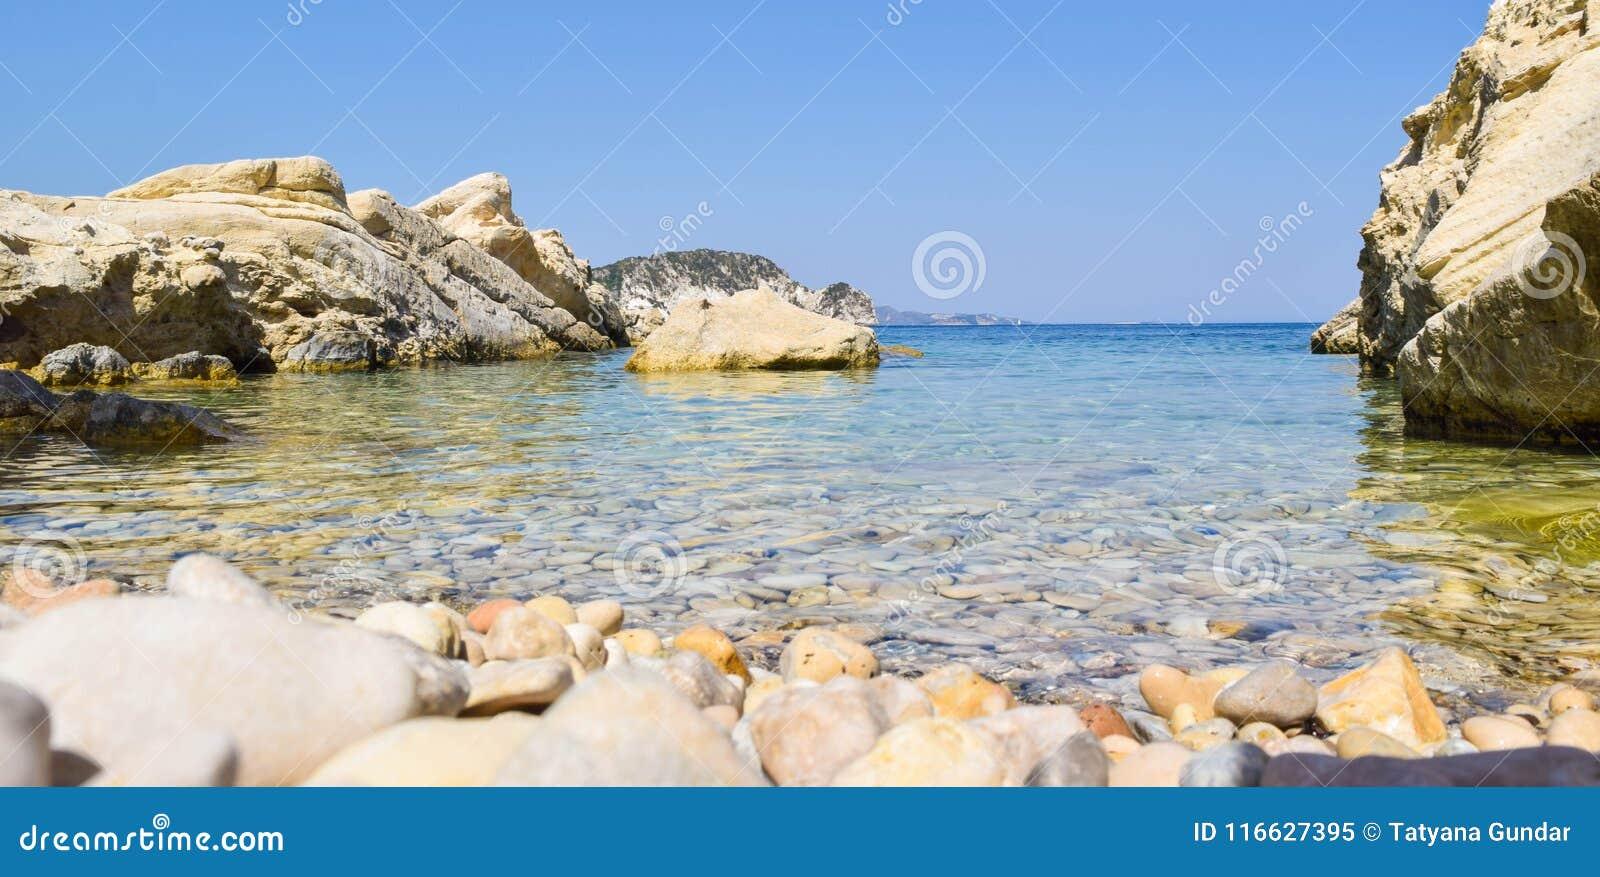 Marathias beach, Zakynthos Island, Greece.